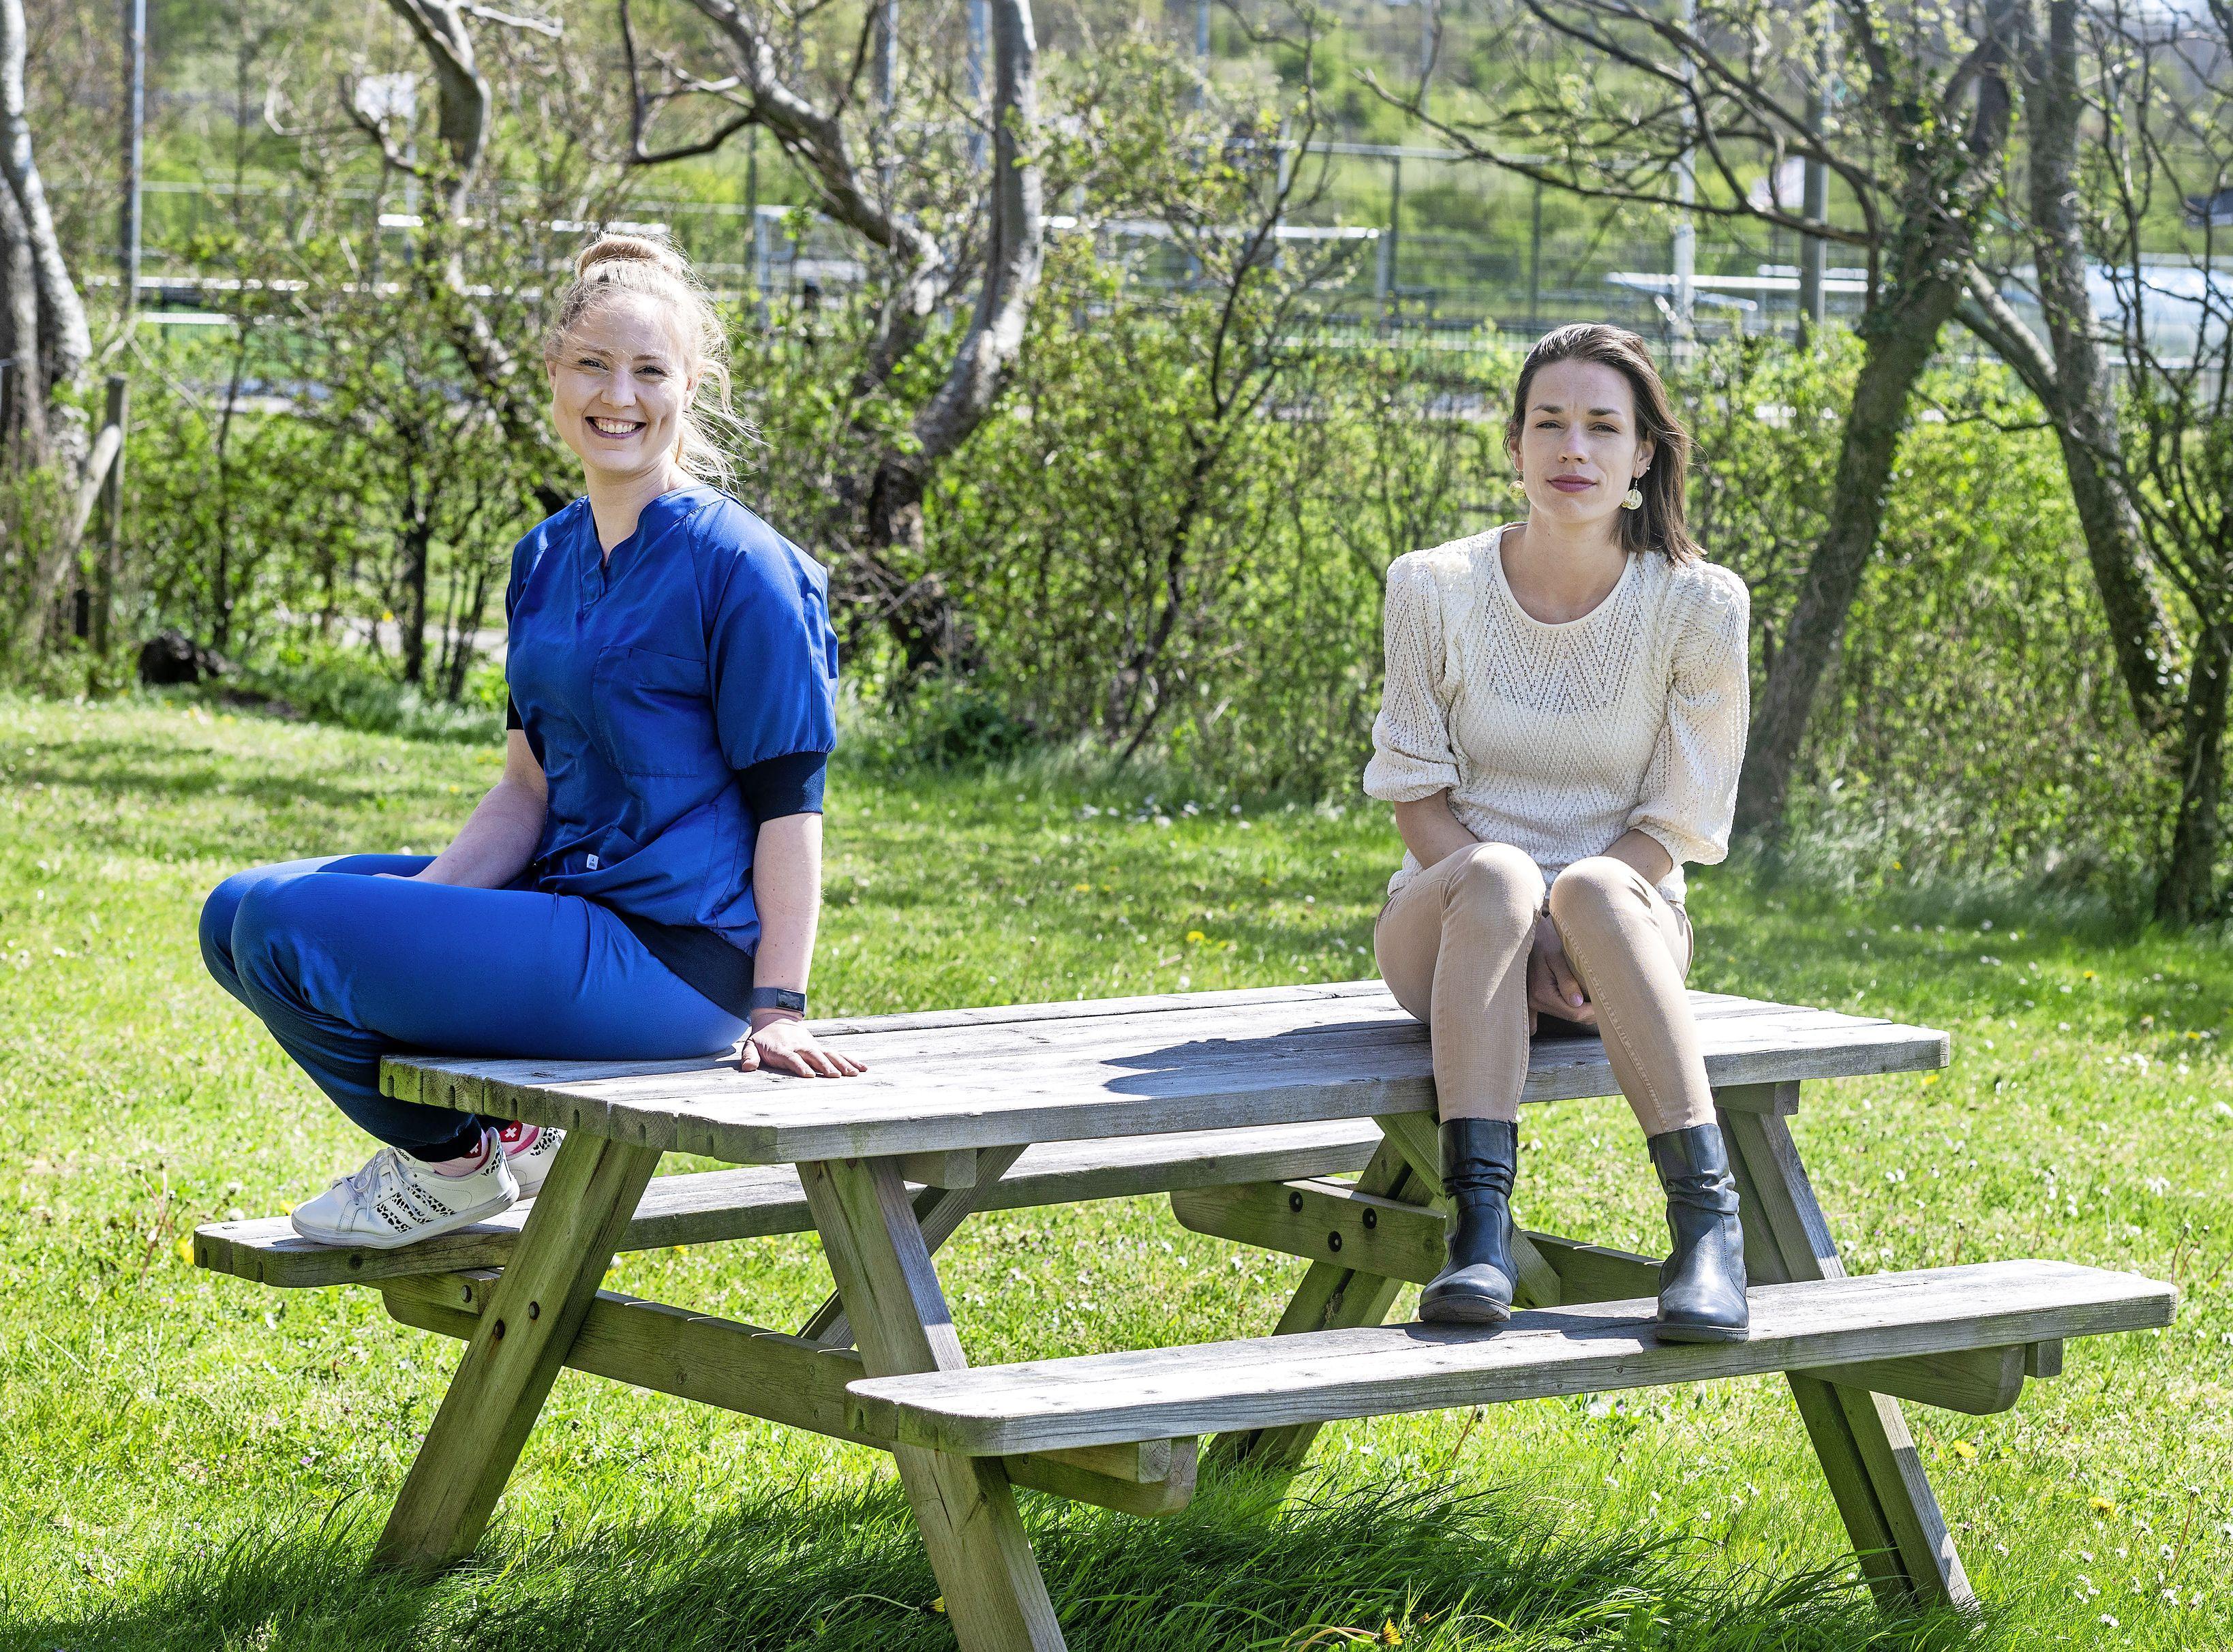 Wijkverpleegkundigen Kimberley en Sanne merken dat het werken in coronatijd nu een stuk zwaarder is - en ze missen wat empathie. 'Het 'lang leve de zorg', dat gevoel is behoorlijk weg'